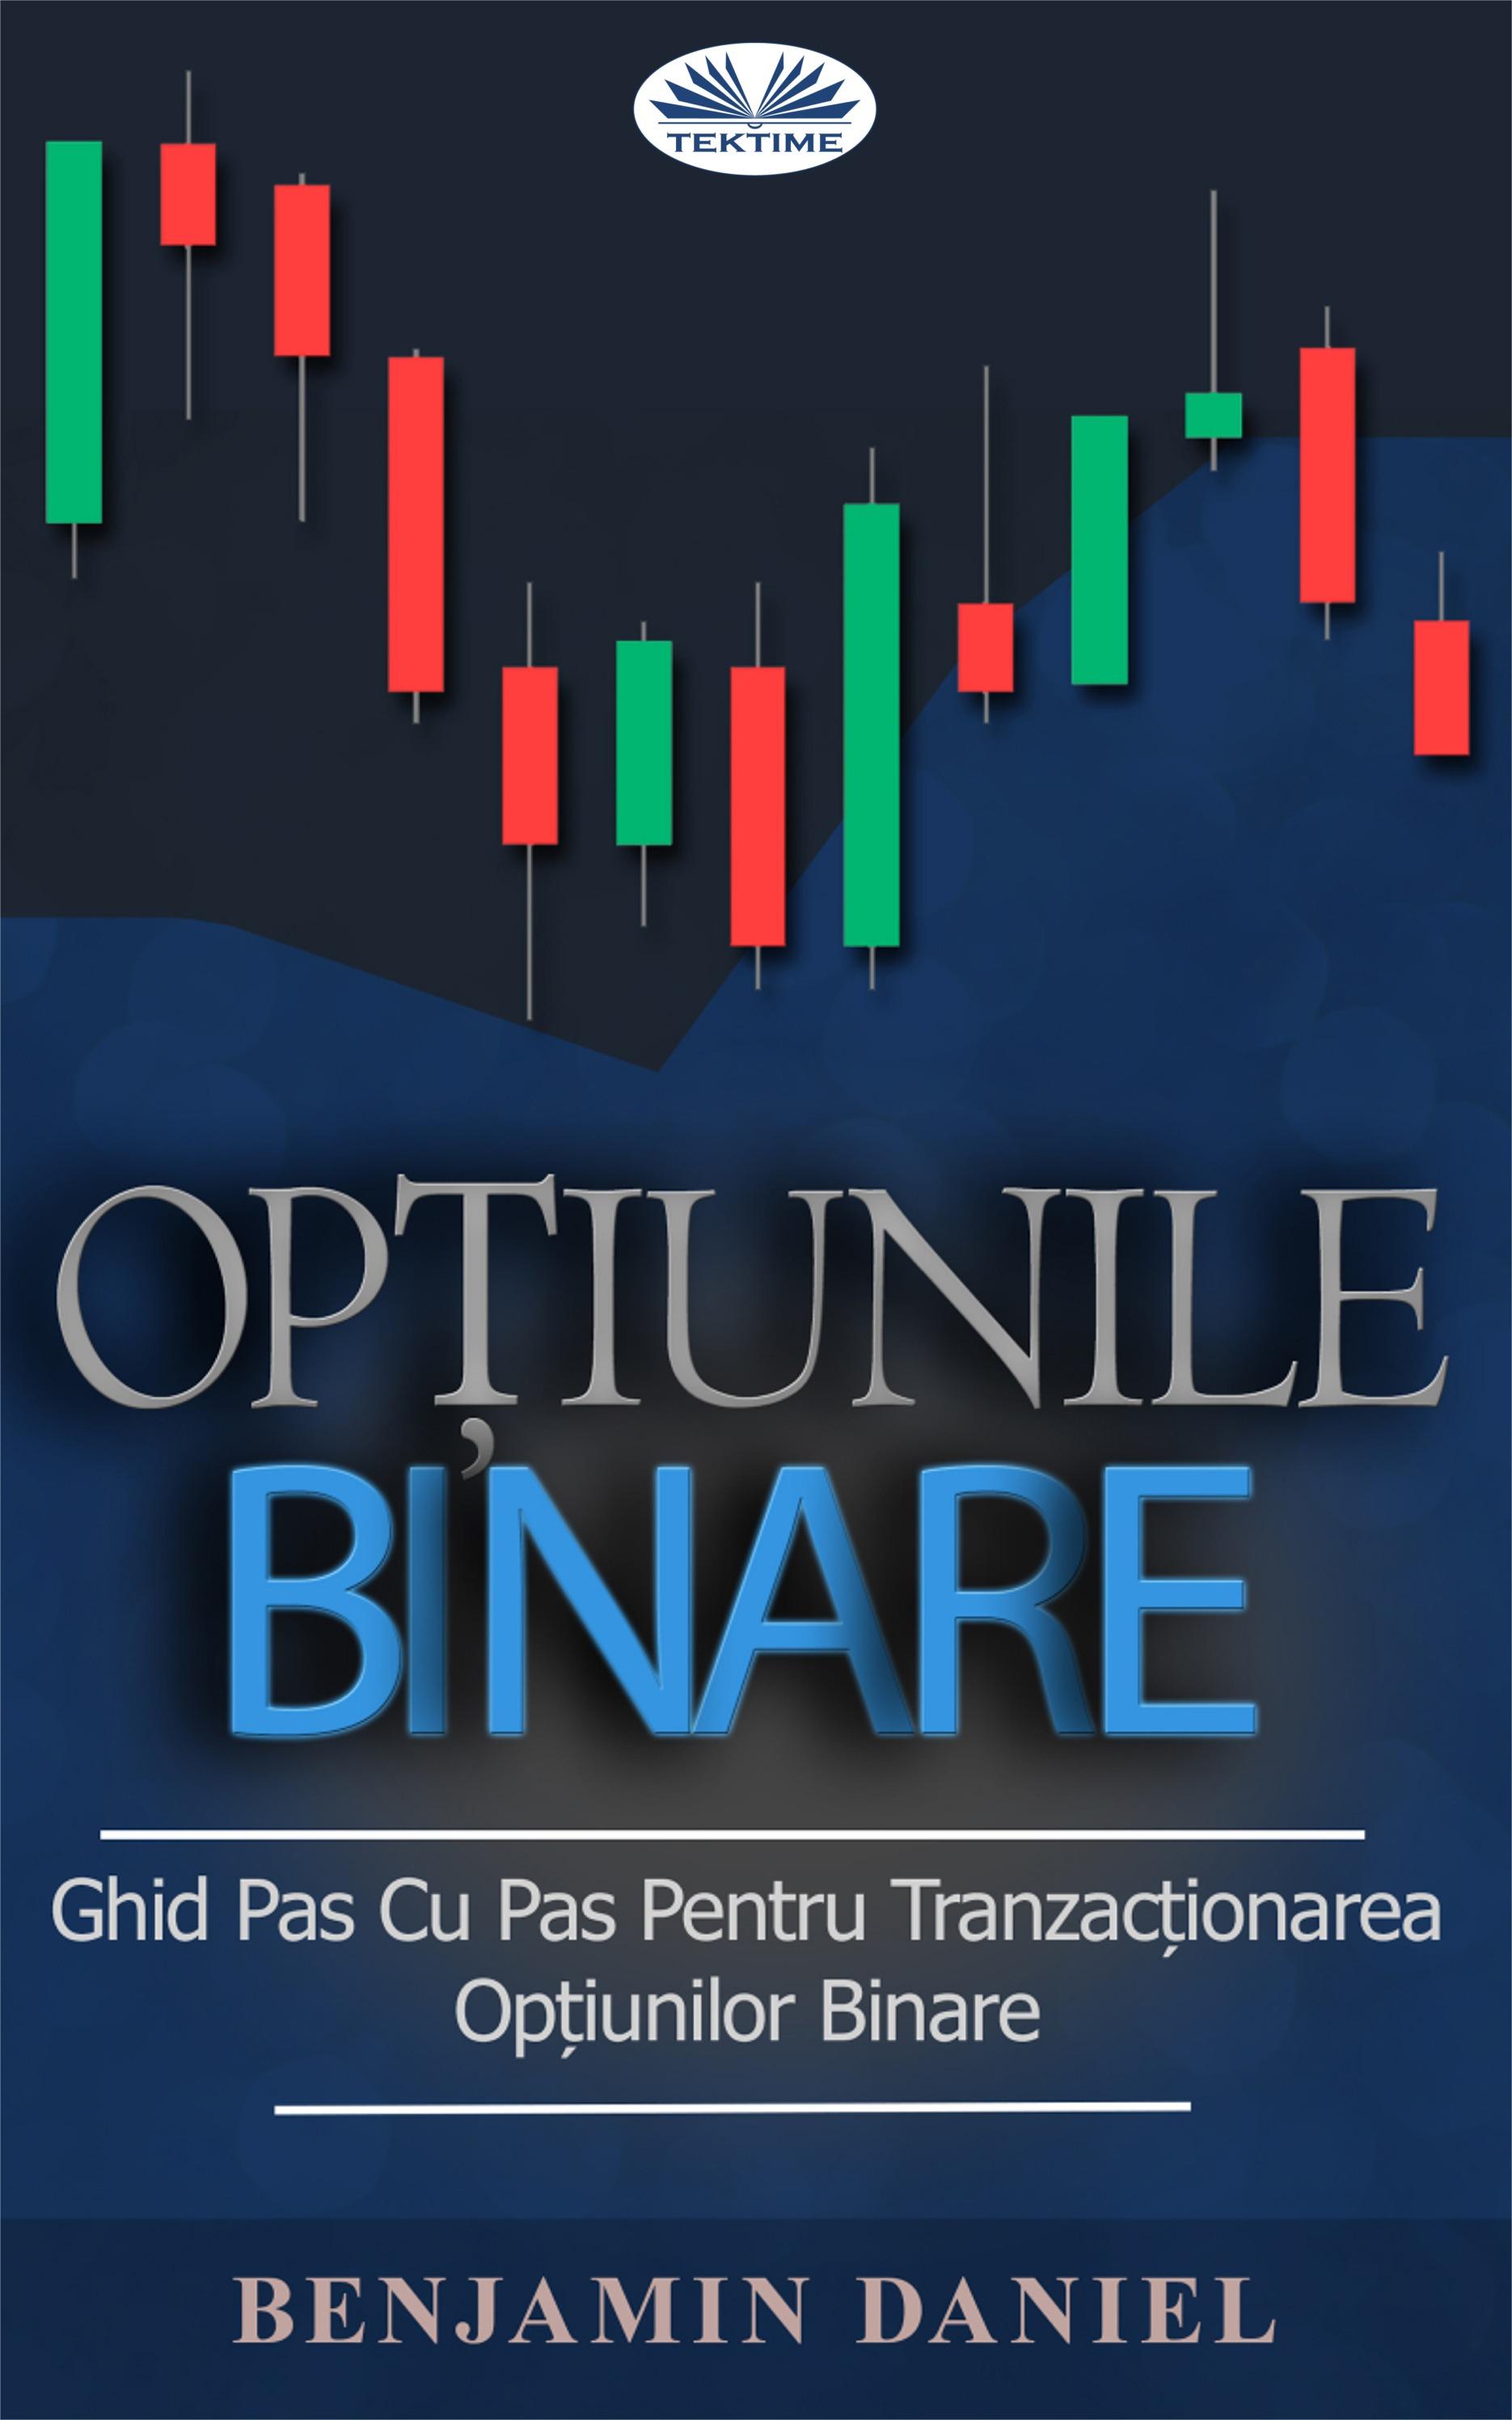 despre opțiunile binare din opțiunile de bani ce este